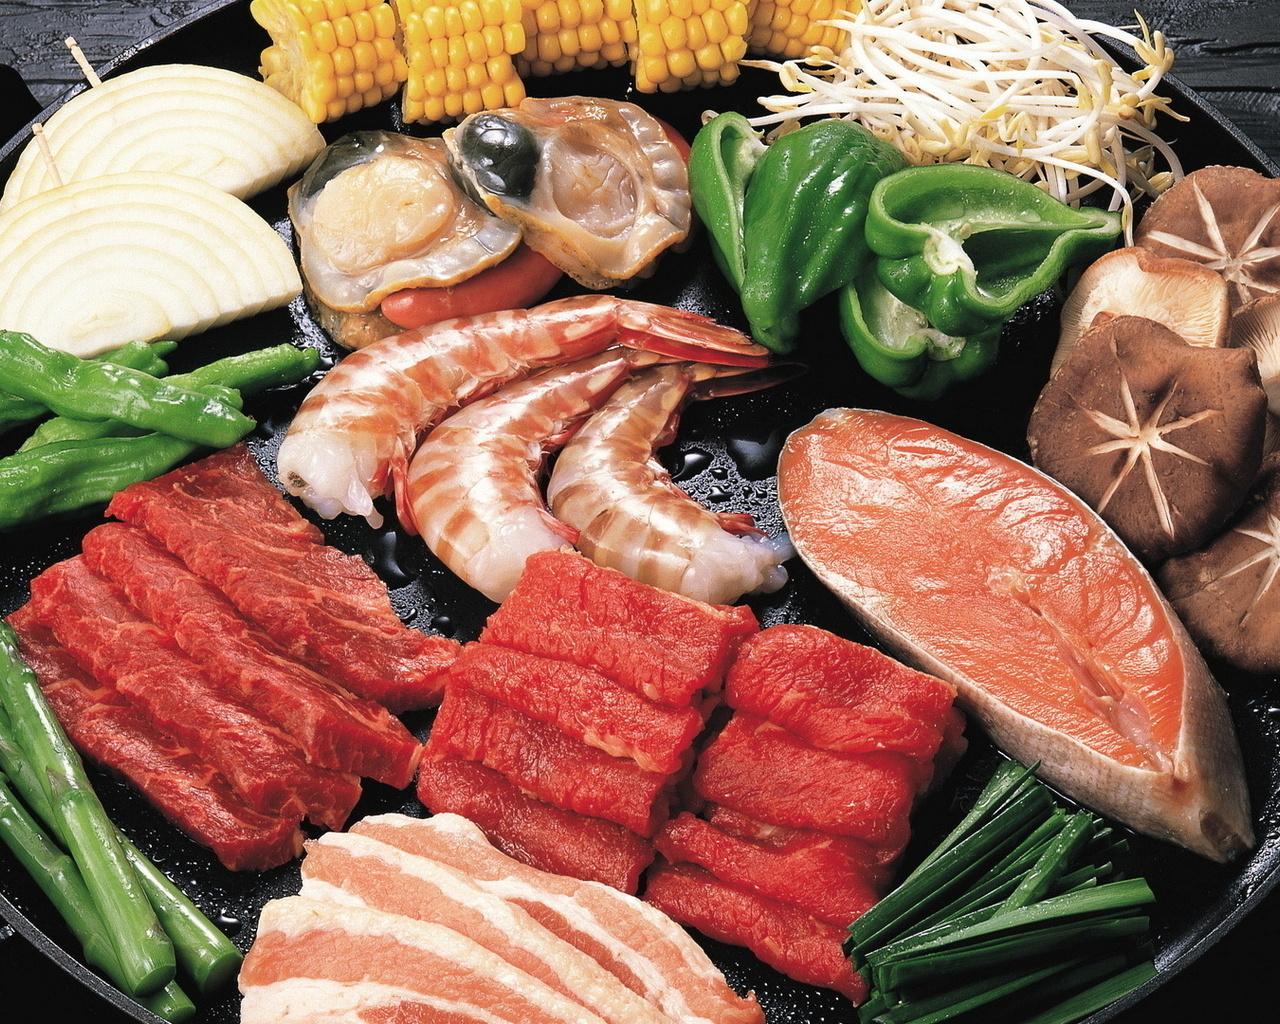 блюдо, ассорти, рыба, мясо, креветки,устрицы, грибы, морепродукты,перец, зелень, лук, кукуруза, большое блюдо, нарезка, еда